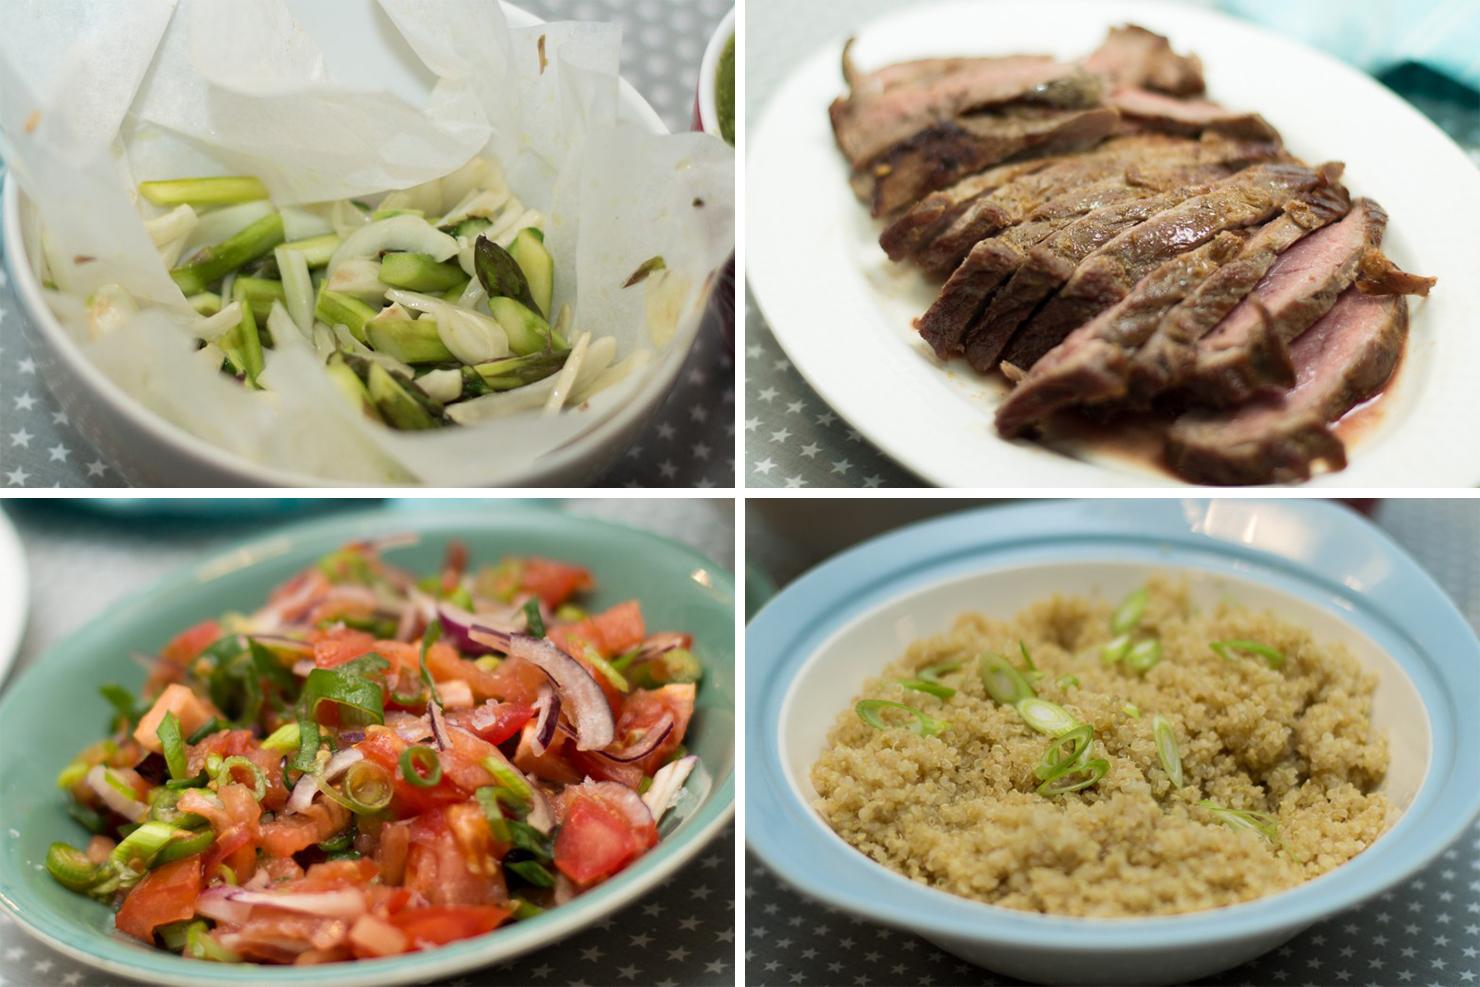 Tilbehør | Hvetetortillas med ovnsbakt fennikel og asparges, quinoa, ytrefilet av okse, tomatsalsa og spicy guacemole